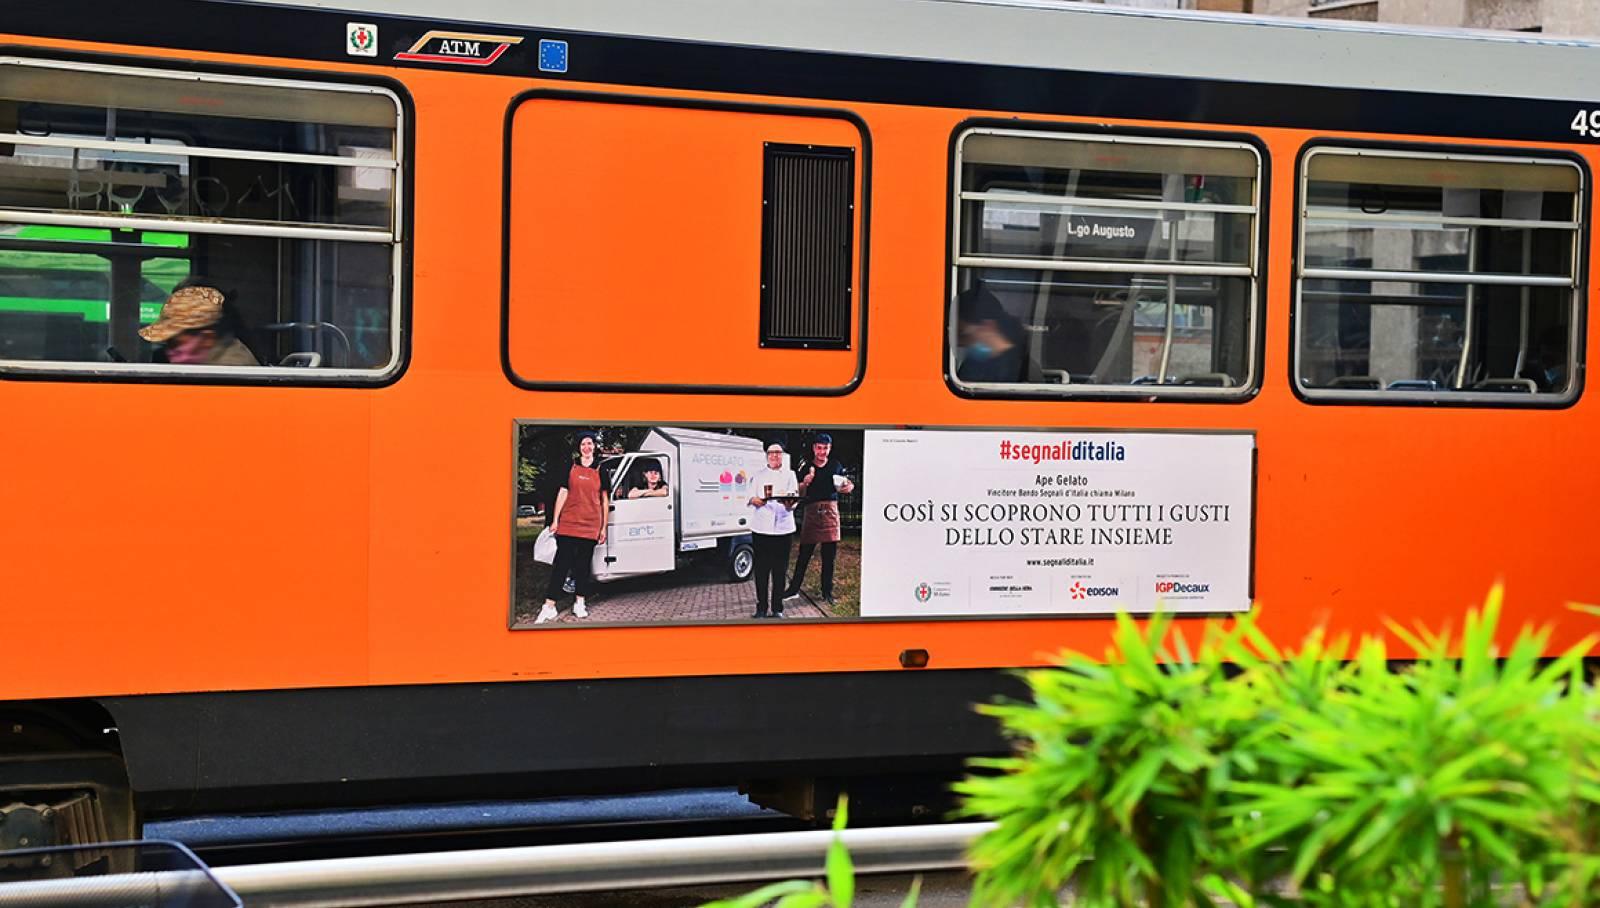 IGPDecaux campagna OOH Segnali d'Italia progetti vincitori bando sidebanner per ApeGelato Milano